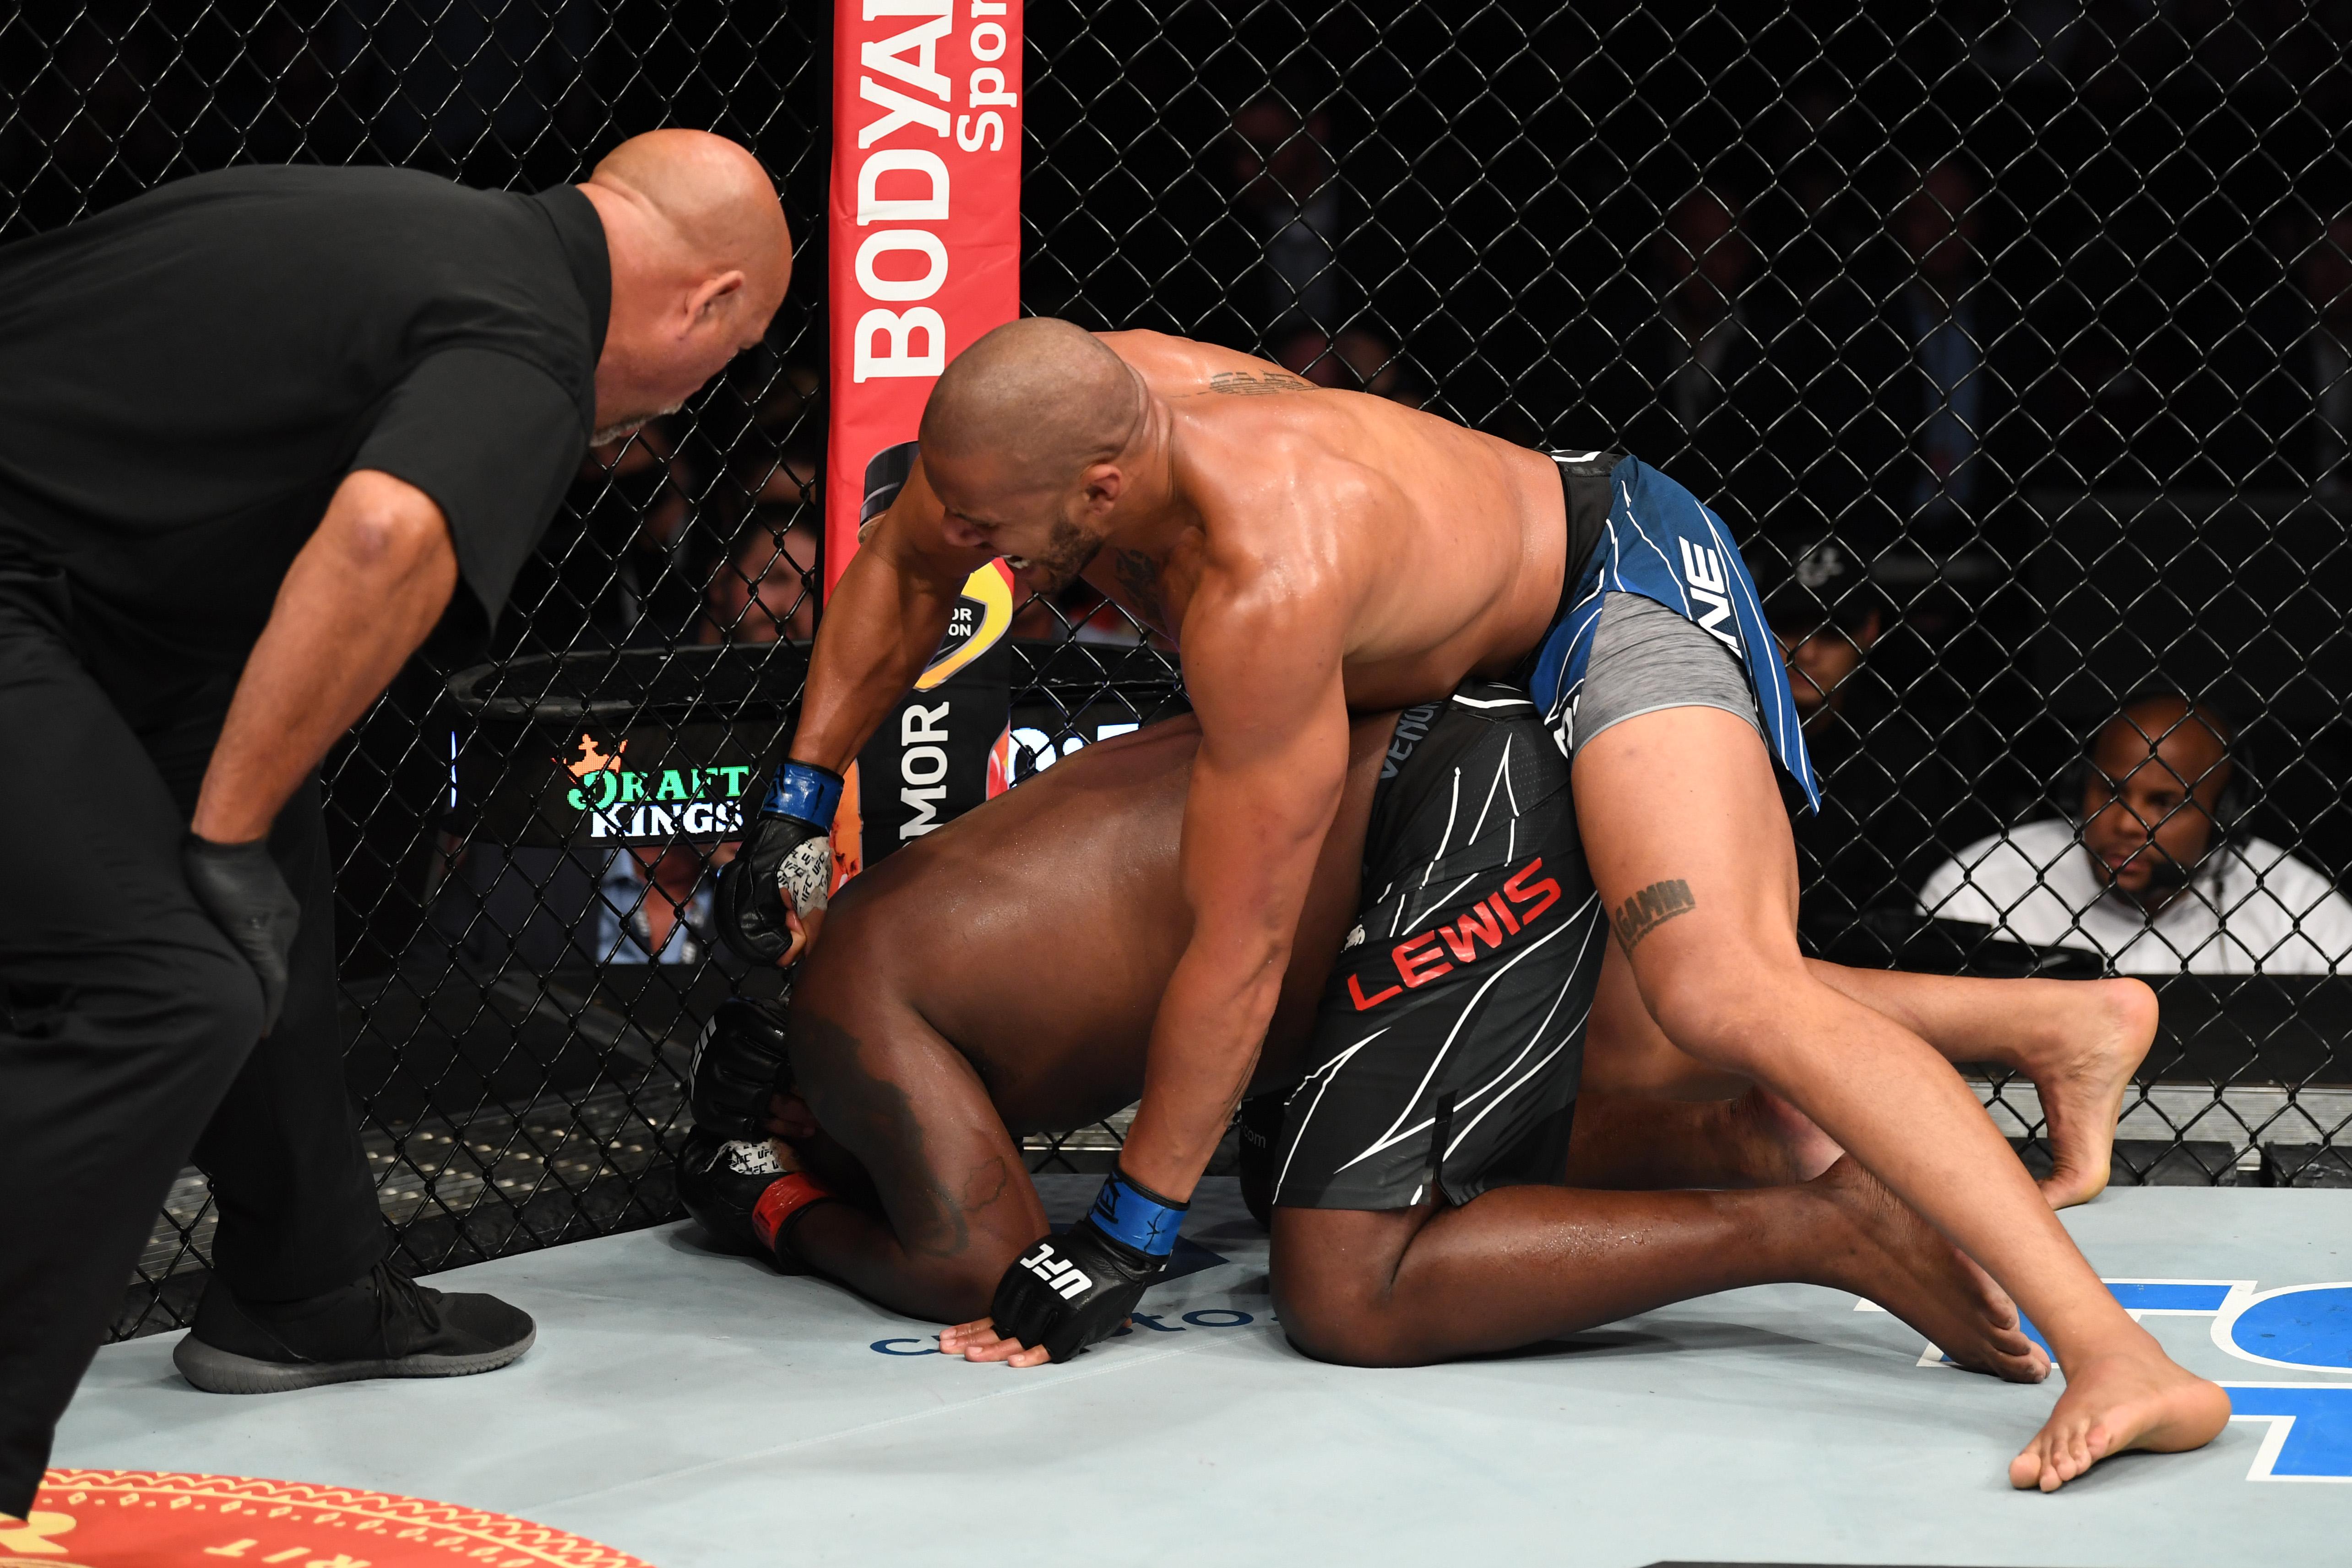 Ciryl Gane TKO'd Derrick Lewis at UFC 265.